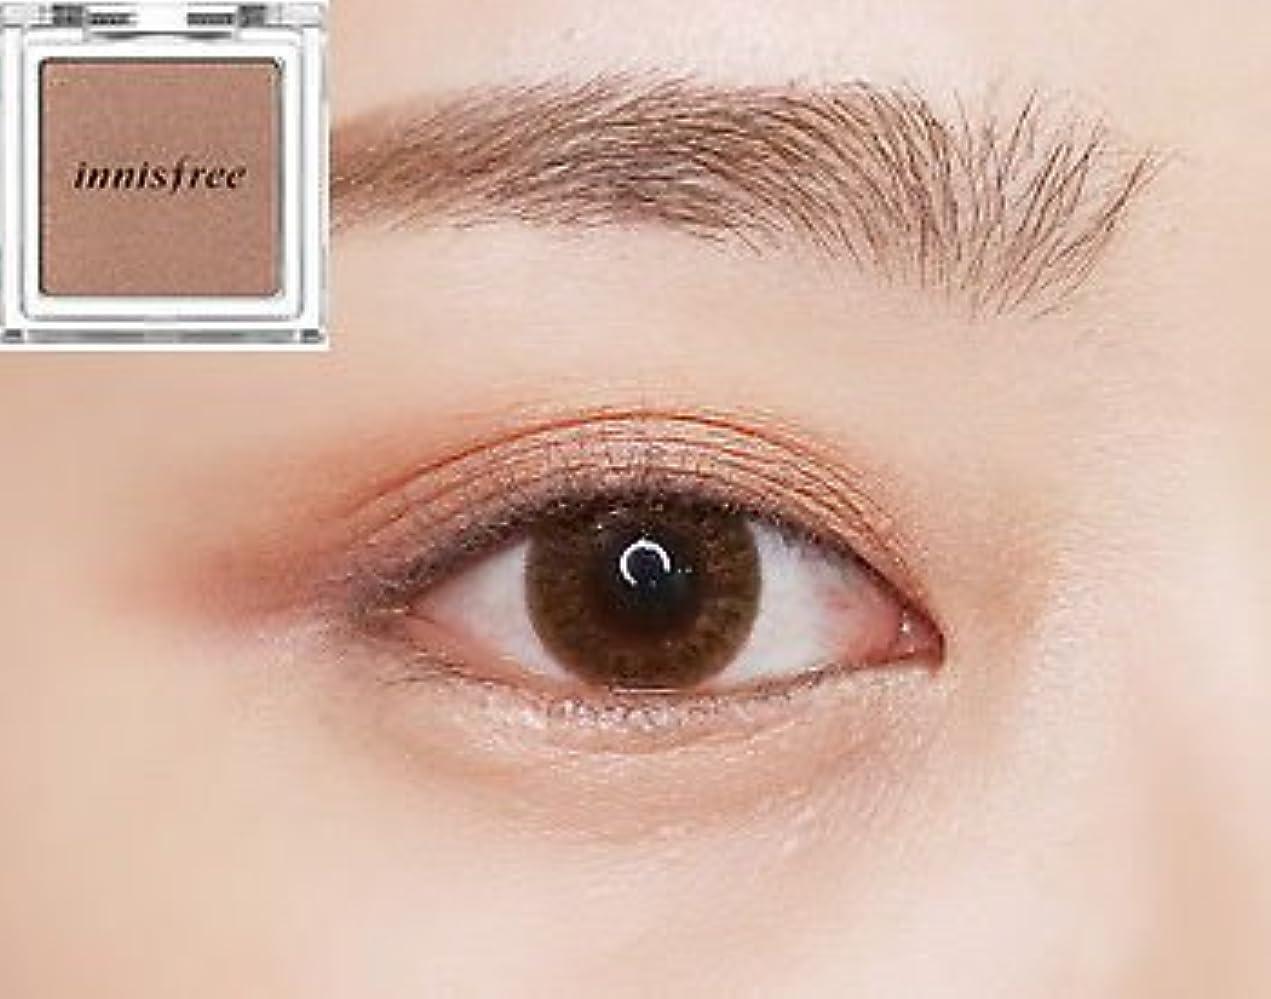 懲戒パワースタジアム[イニスフリー] innisfree [マイ パレット マイ アイシャドウ (シマ一) 39カラー] MY PALETTE My Eyeshadow (Shimmer) 39 Shades [海外直送品] (シマ一 #04)